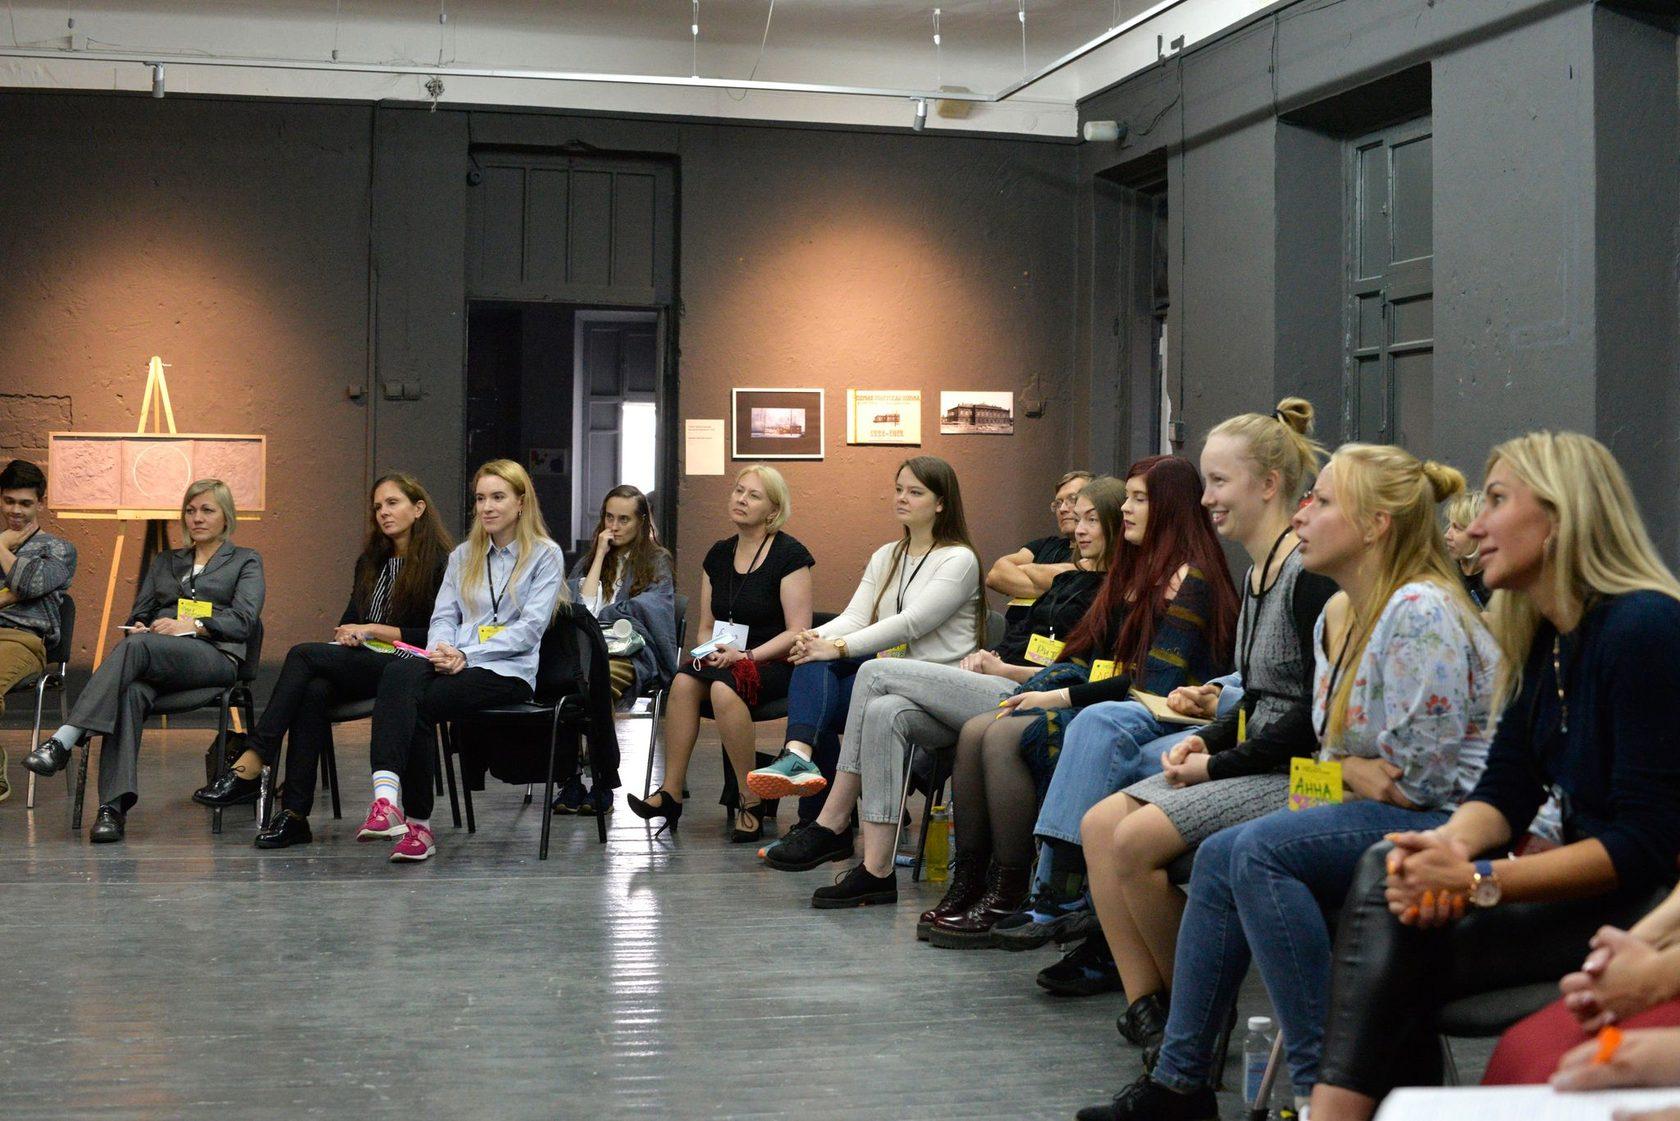 Школа фотографии, фотограф Наталья Цибанова